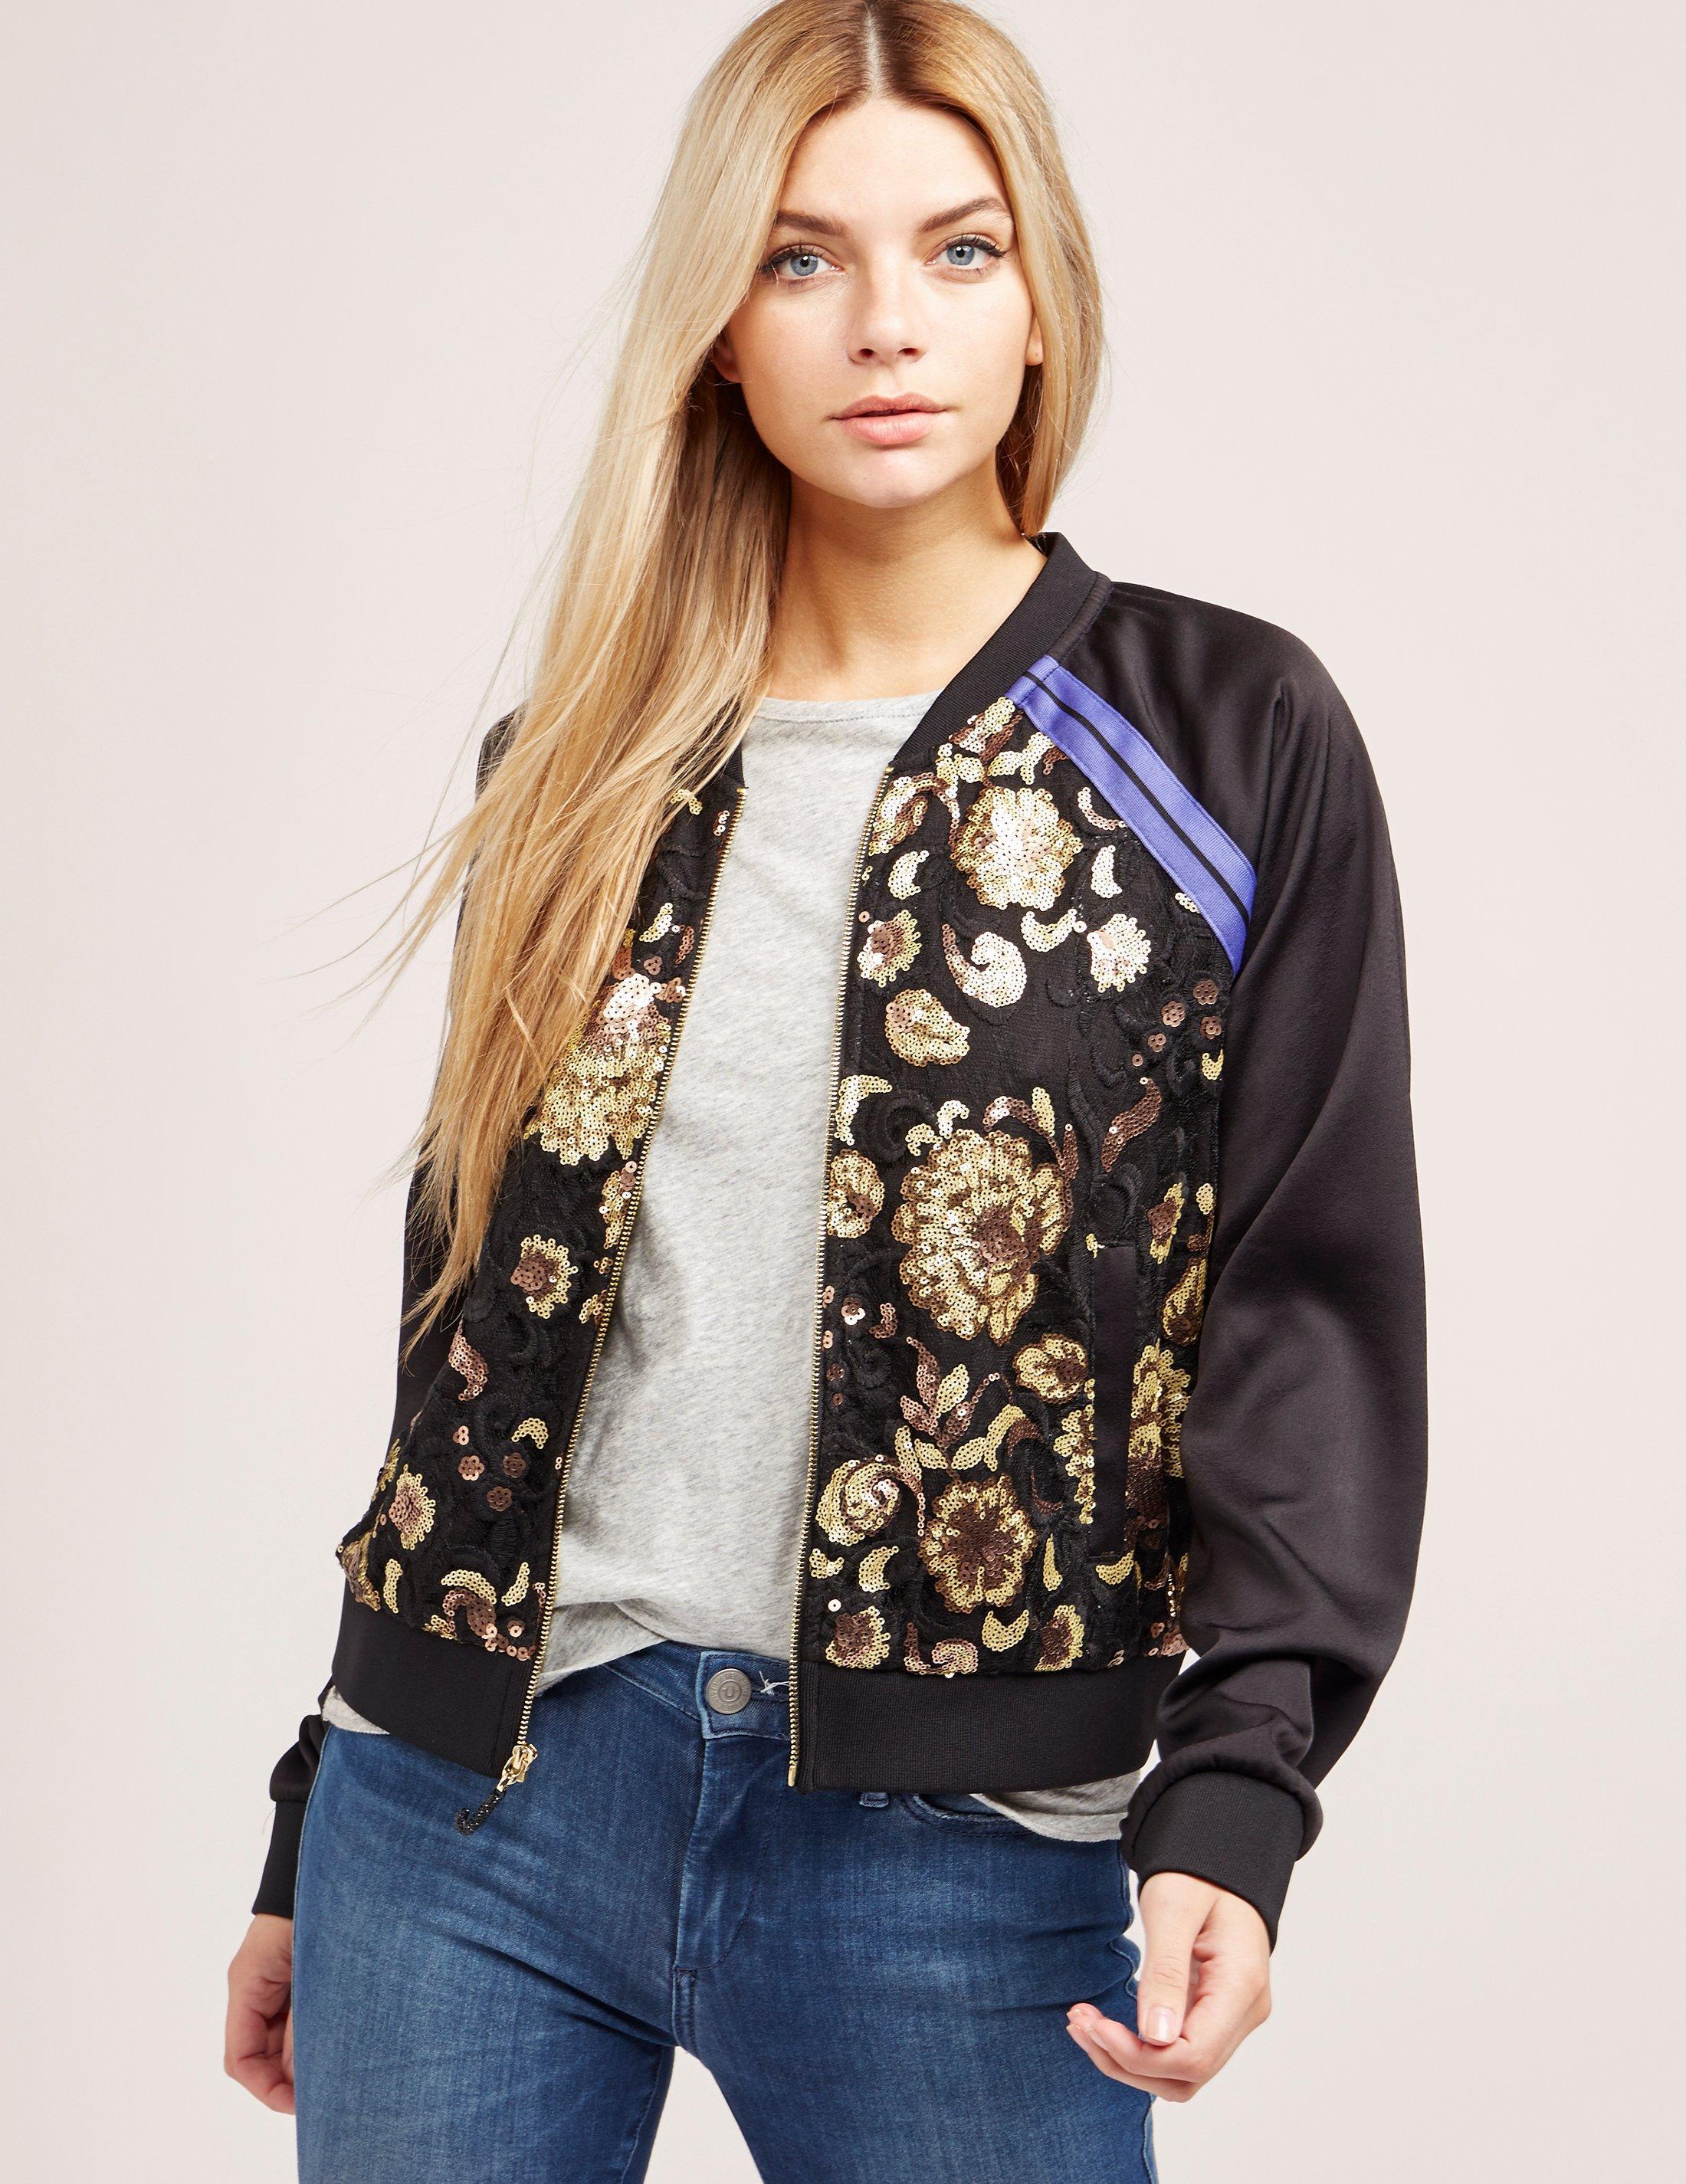 Women Basic Coats 2017 Embroidery Bomber Jacket Women Ladies Satin Embroidery  Bomber Jackets Autumn Winter Satin